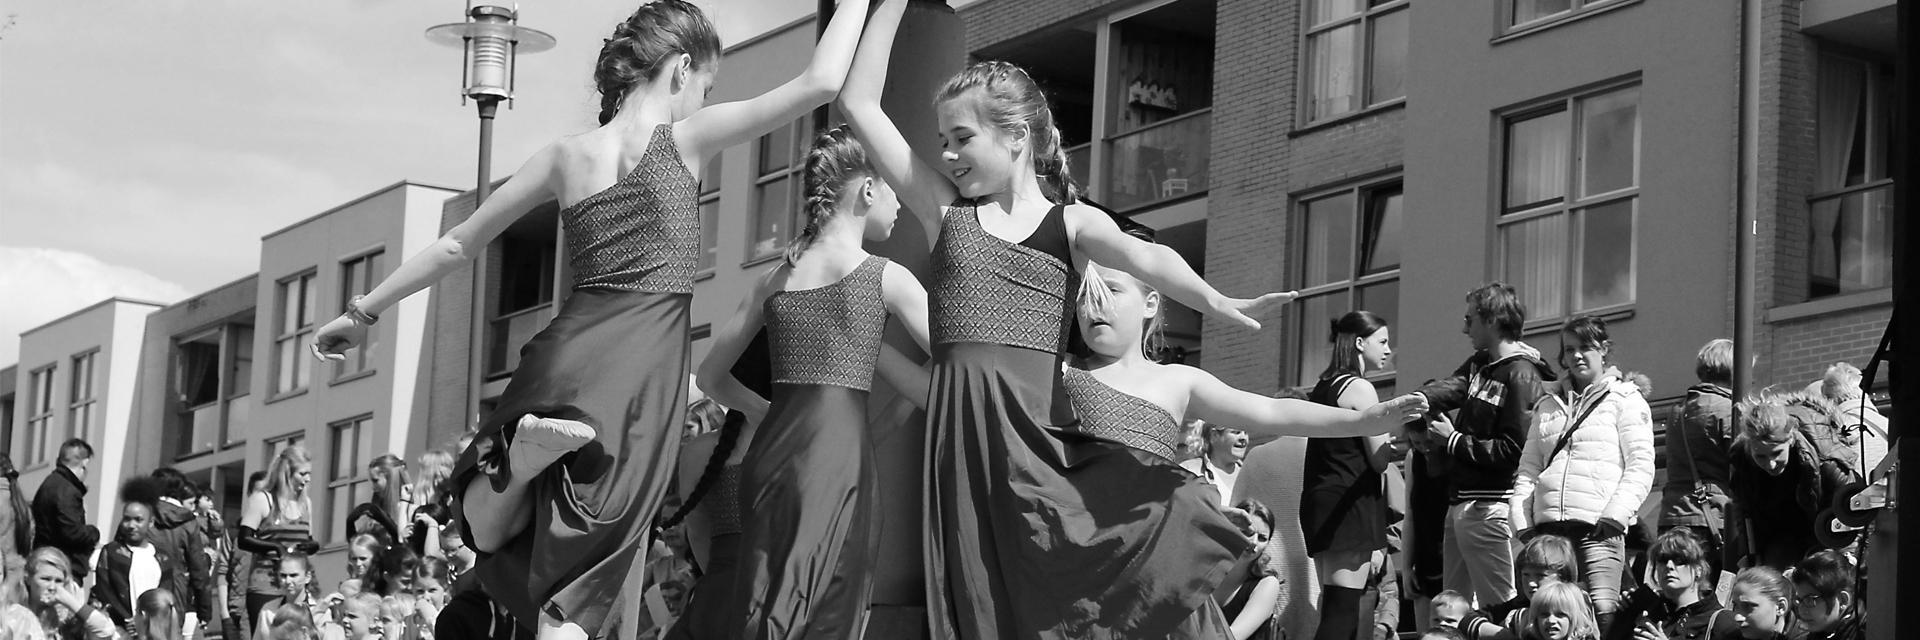 omslagfoto ballet boekingen-2